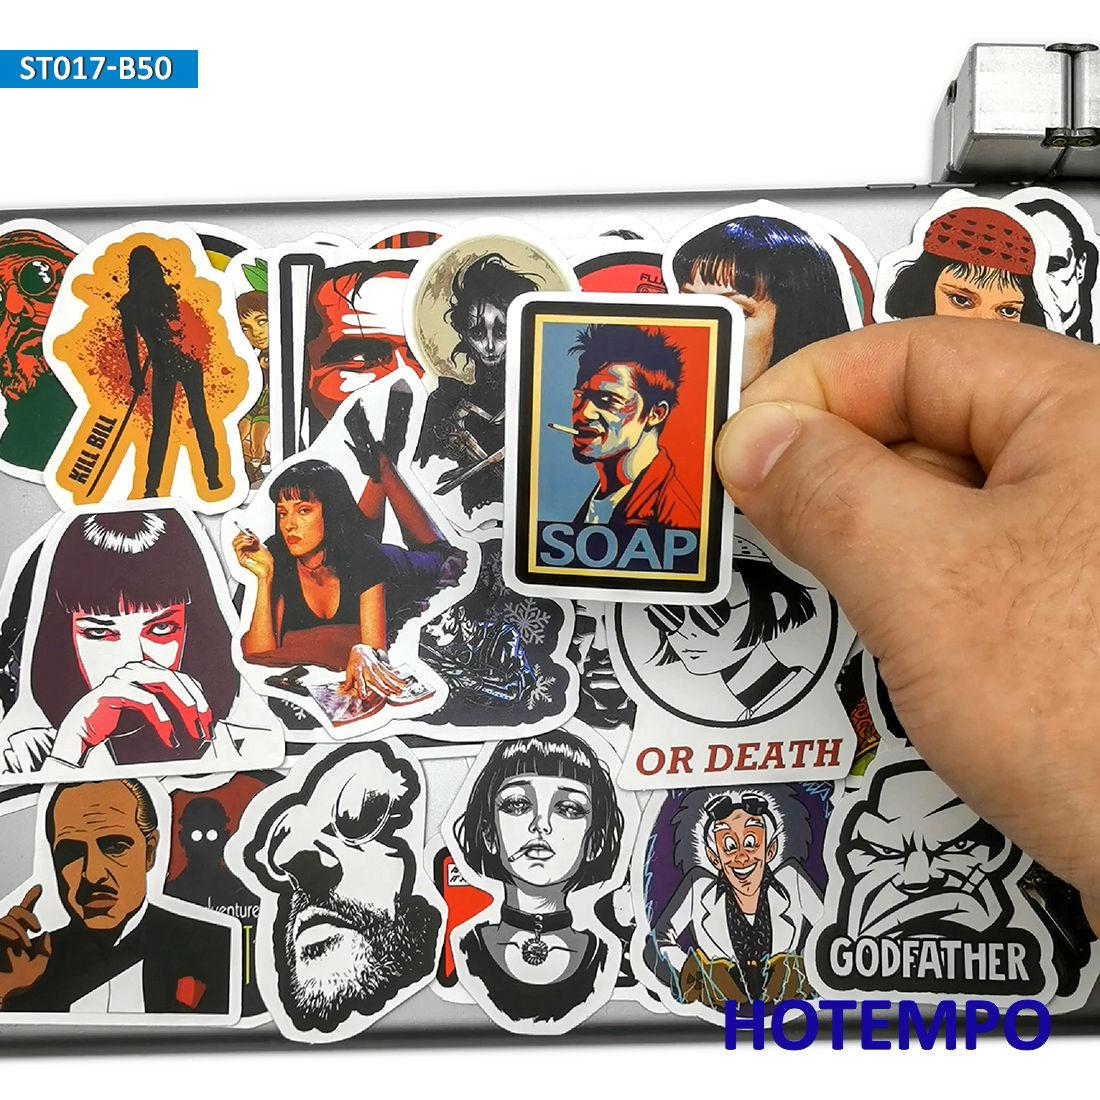 50 шт. классические наклейки для мобильного телефона, ноутбука, багажного отсека, скейтборда|Наклейки|   | АлиЭкспресс